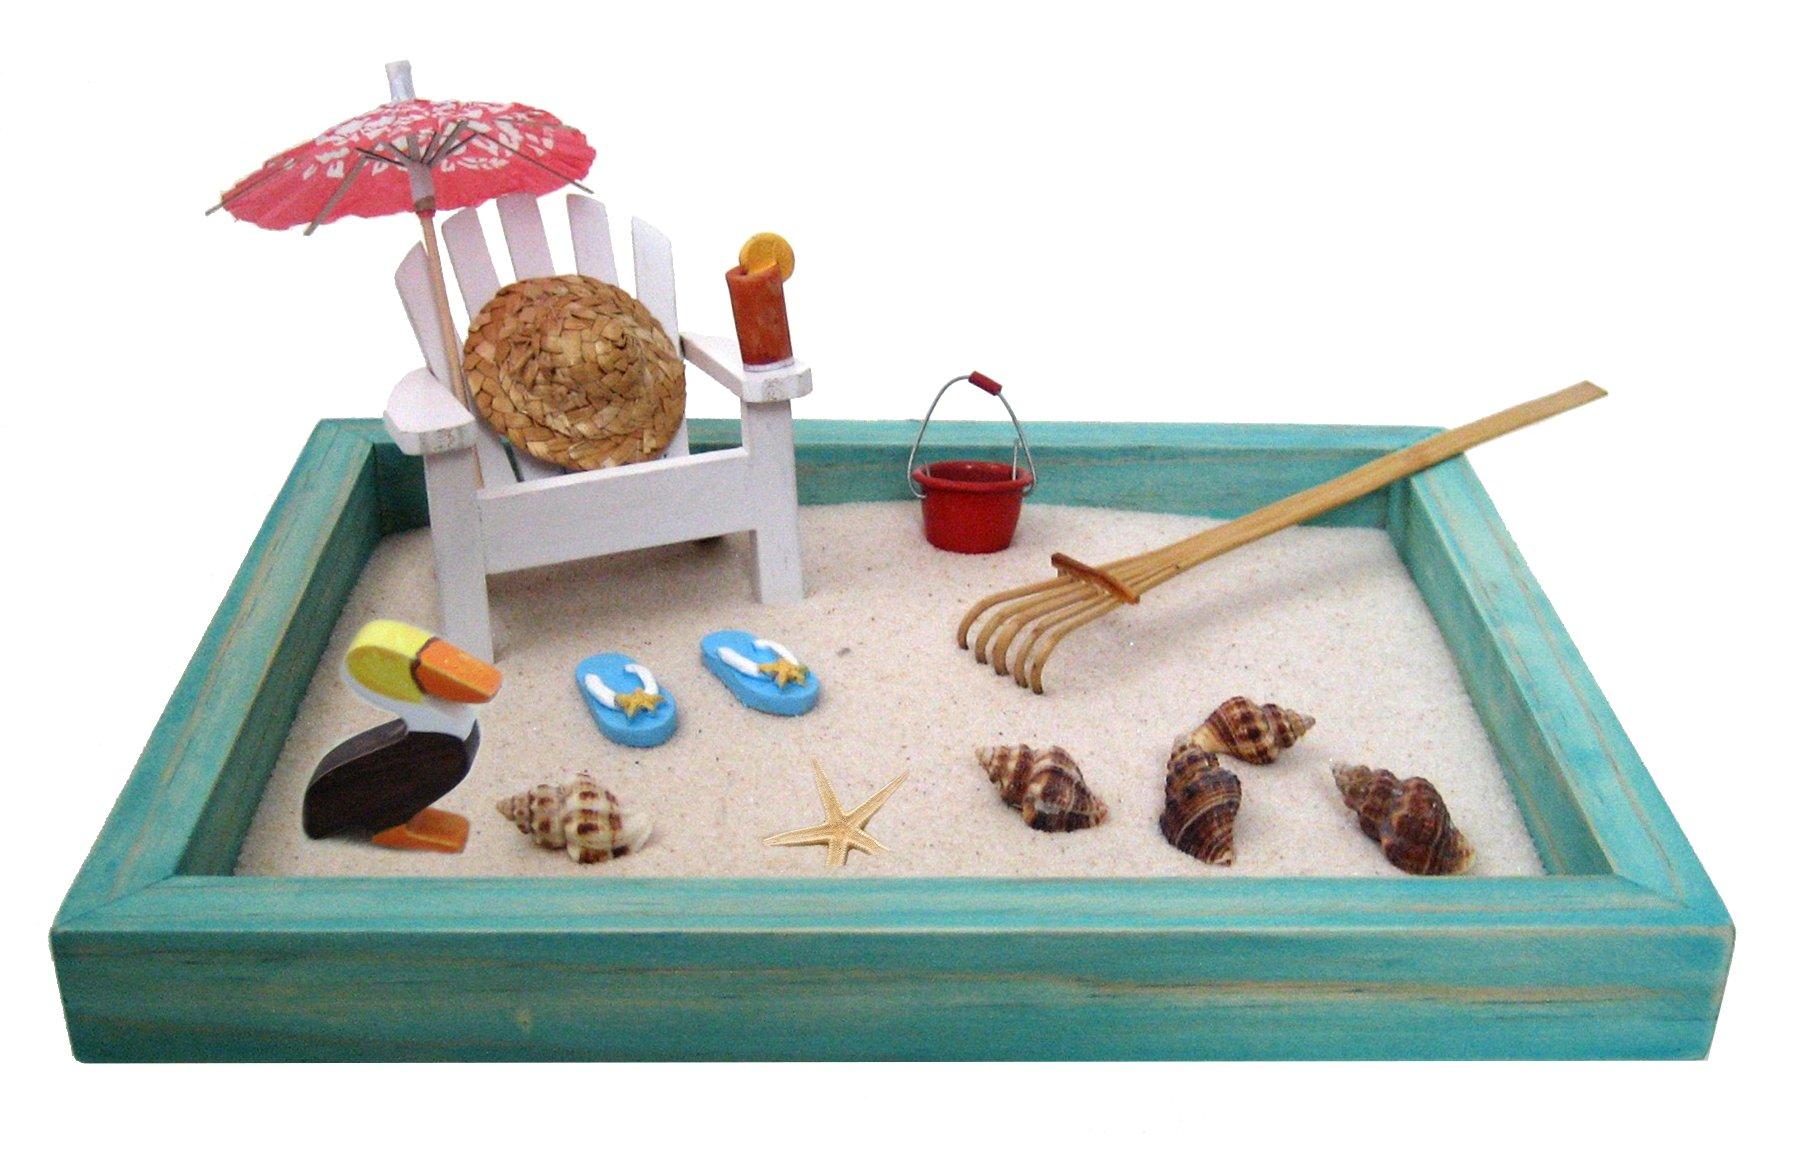 Beach Zen Garden, A Day at The Beach, Mini Desktop Sandbox for Meditation and Relaxation by Zen Life